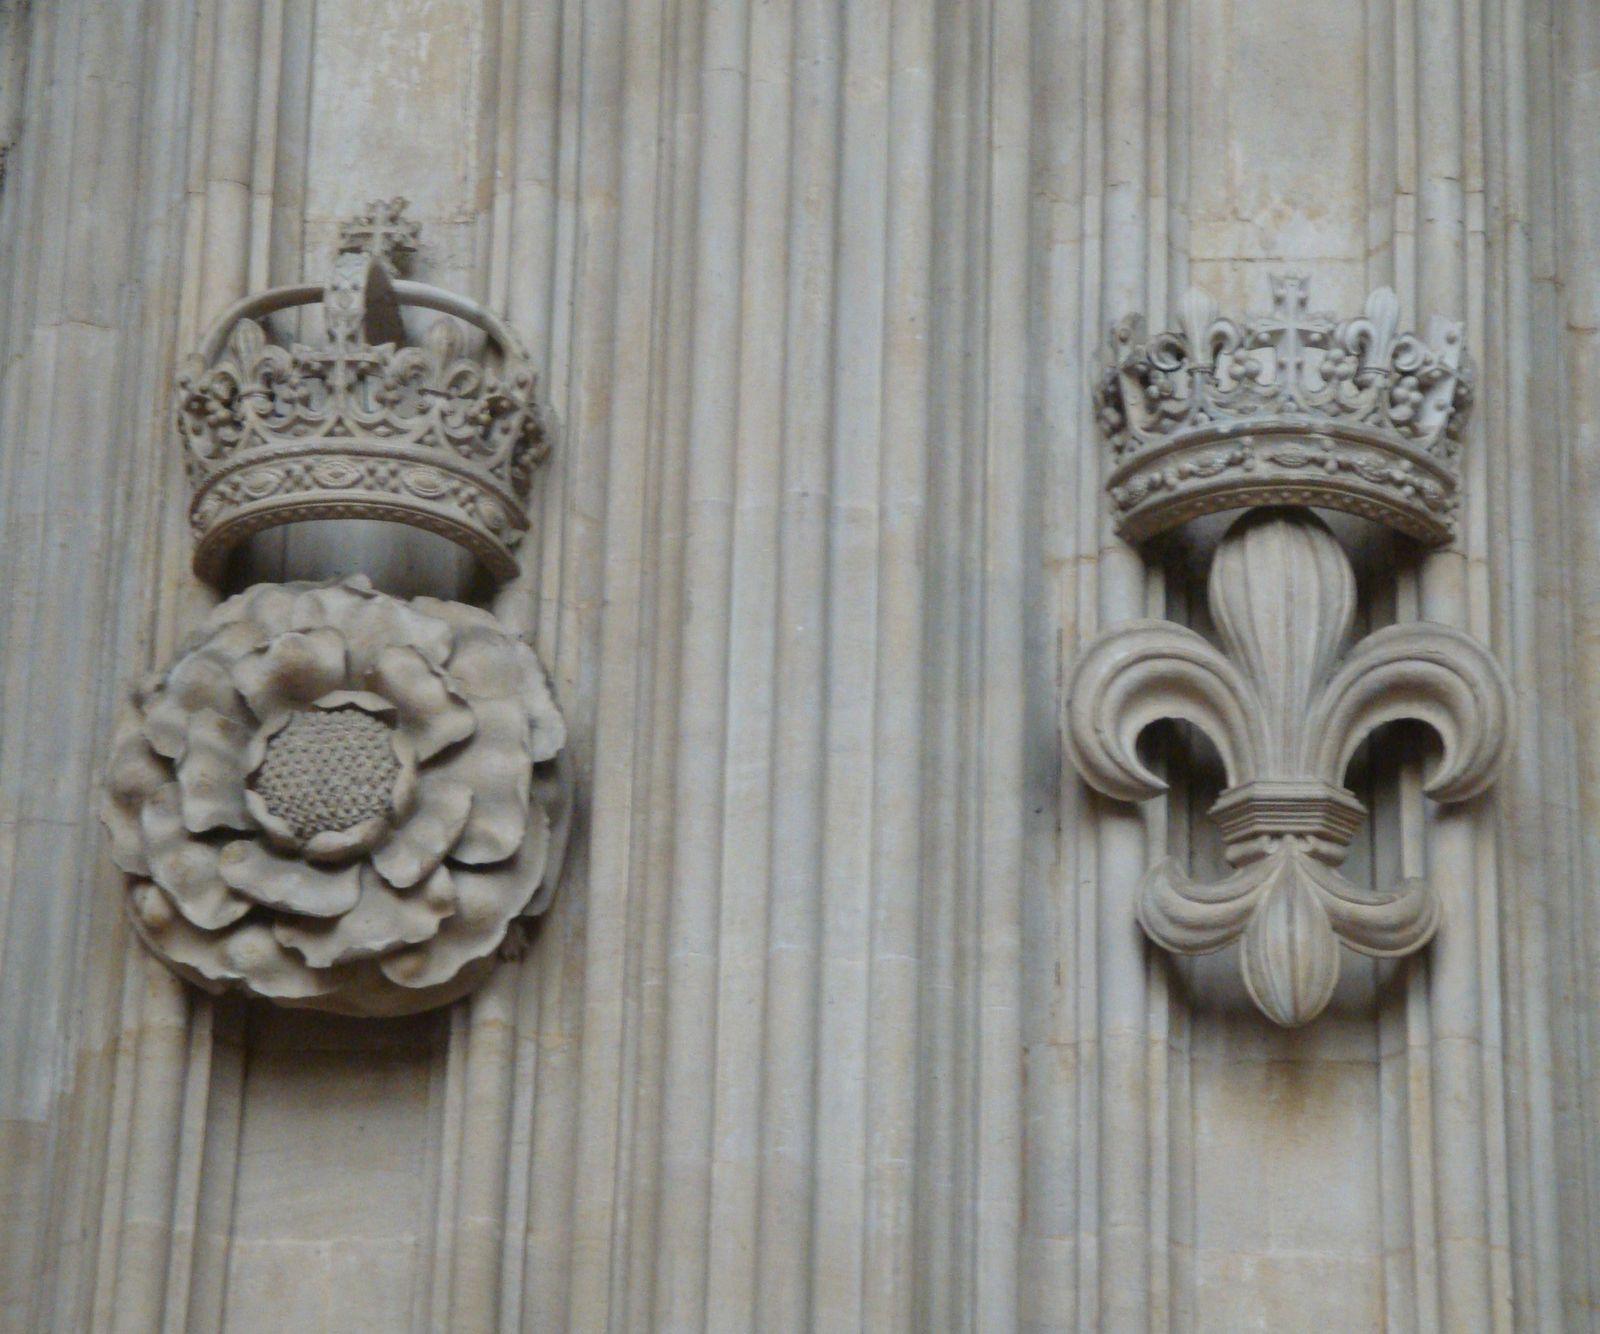 Les Armoiries Du Royaume Uni L Ordre De La Jarretiere Et Les Grands